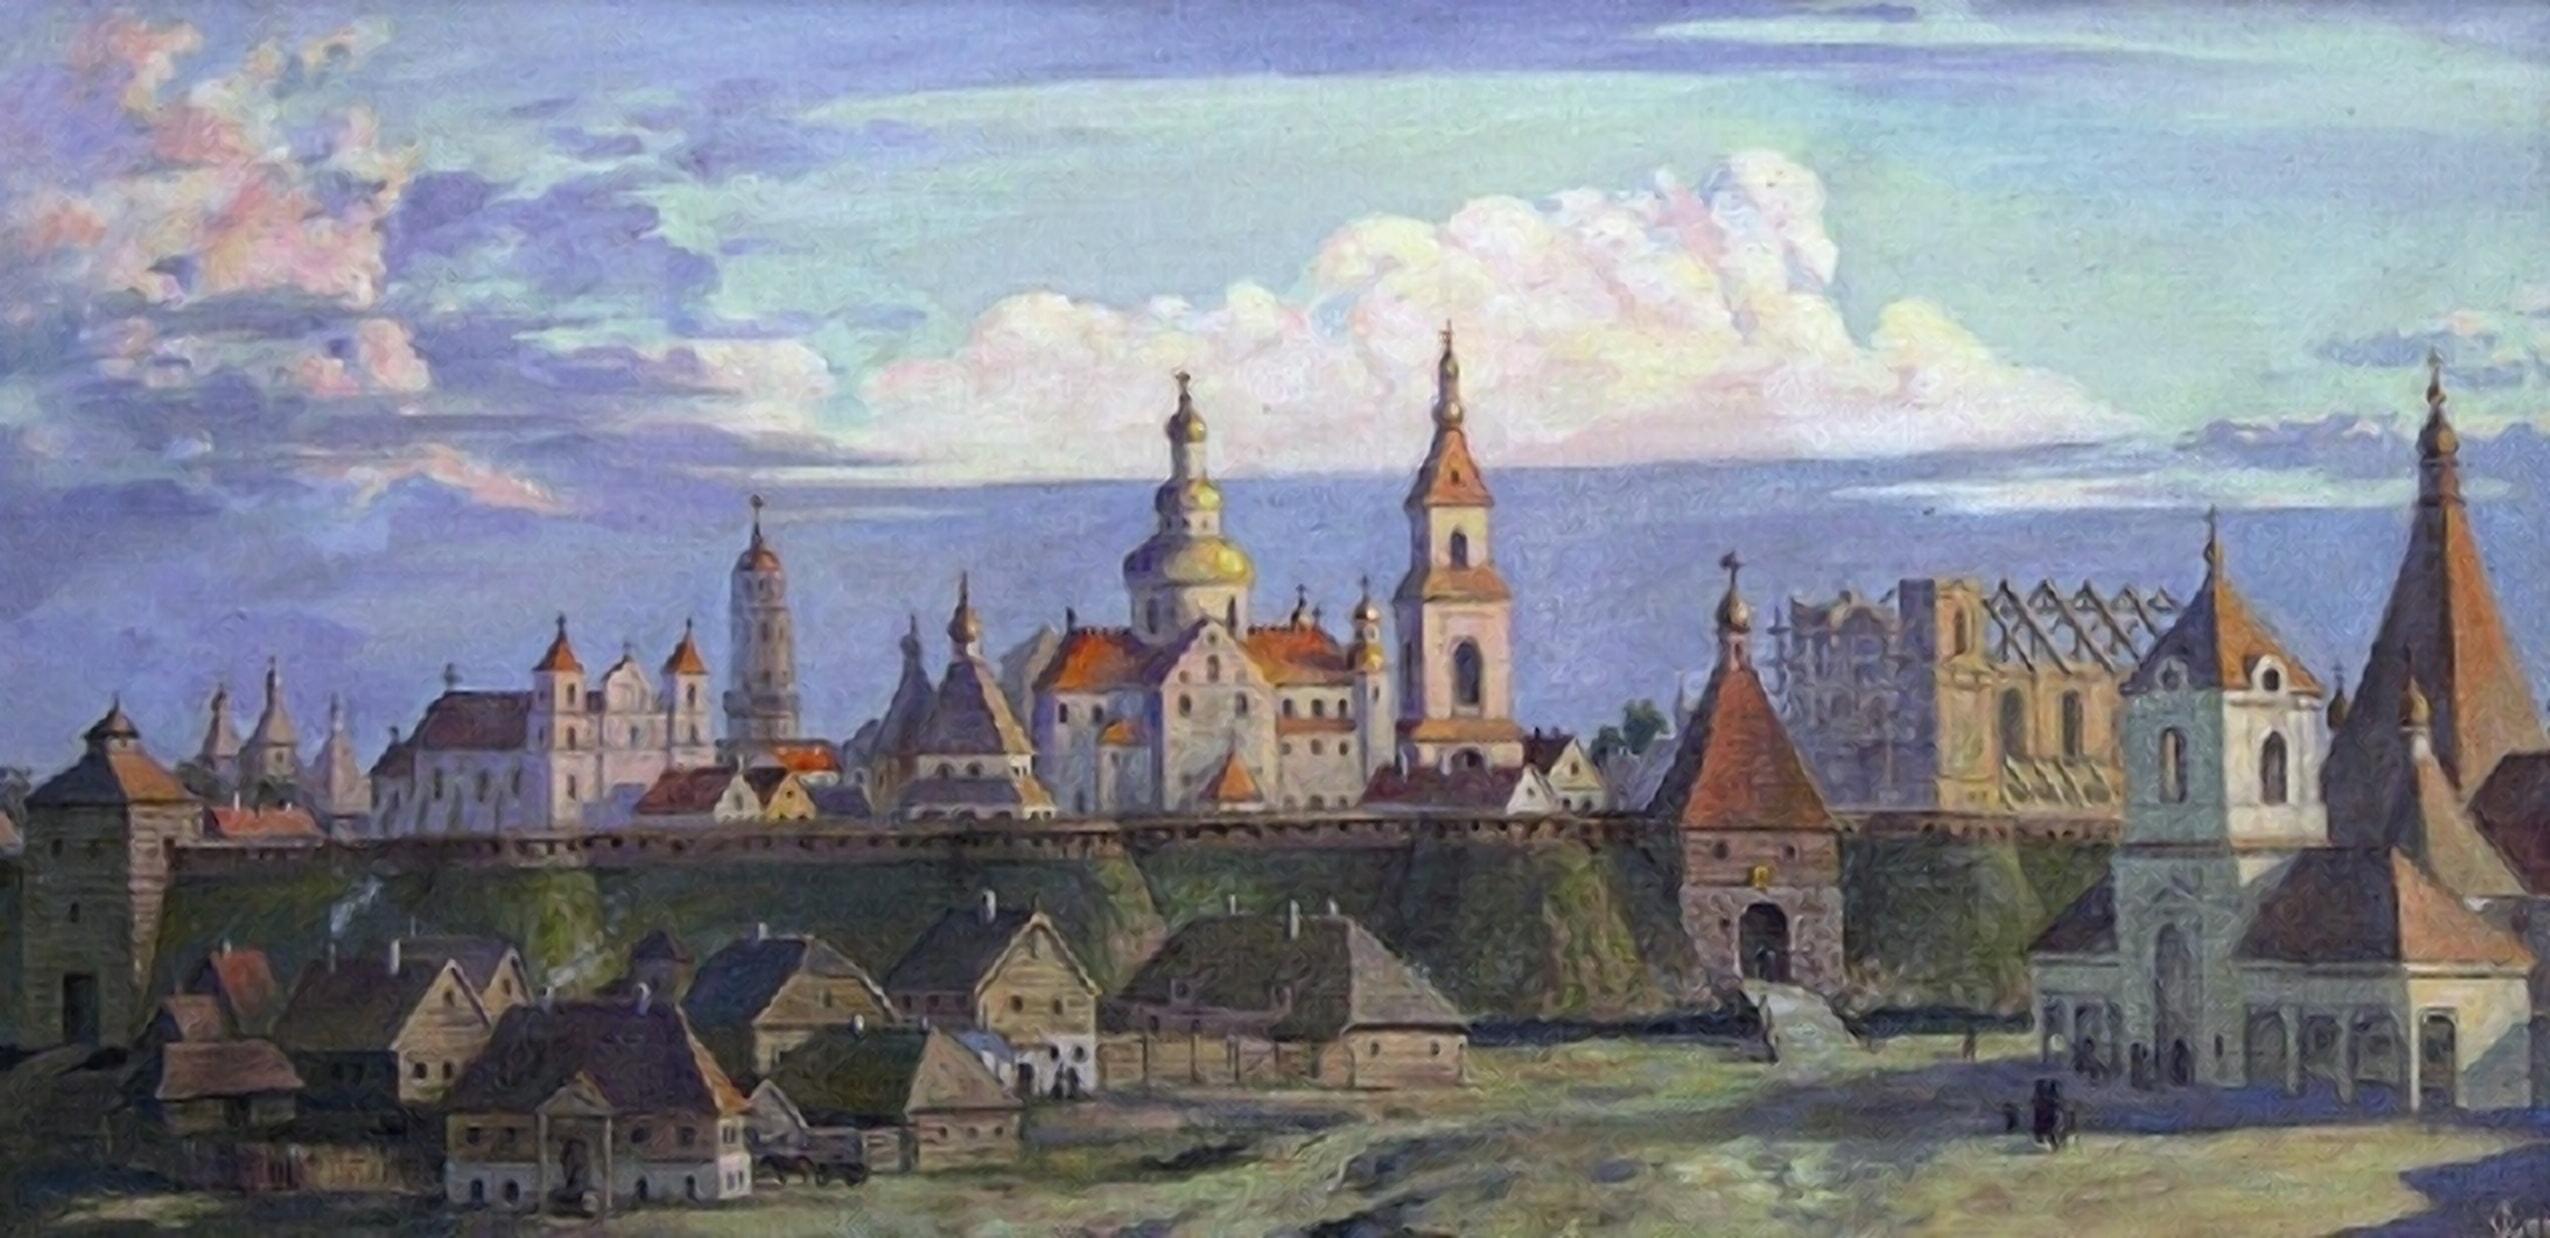 Могилев 17 века был крупным, богатым и укрепленным городом